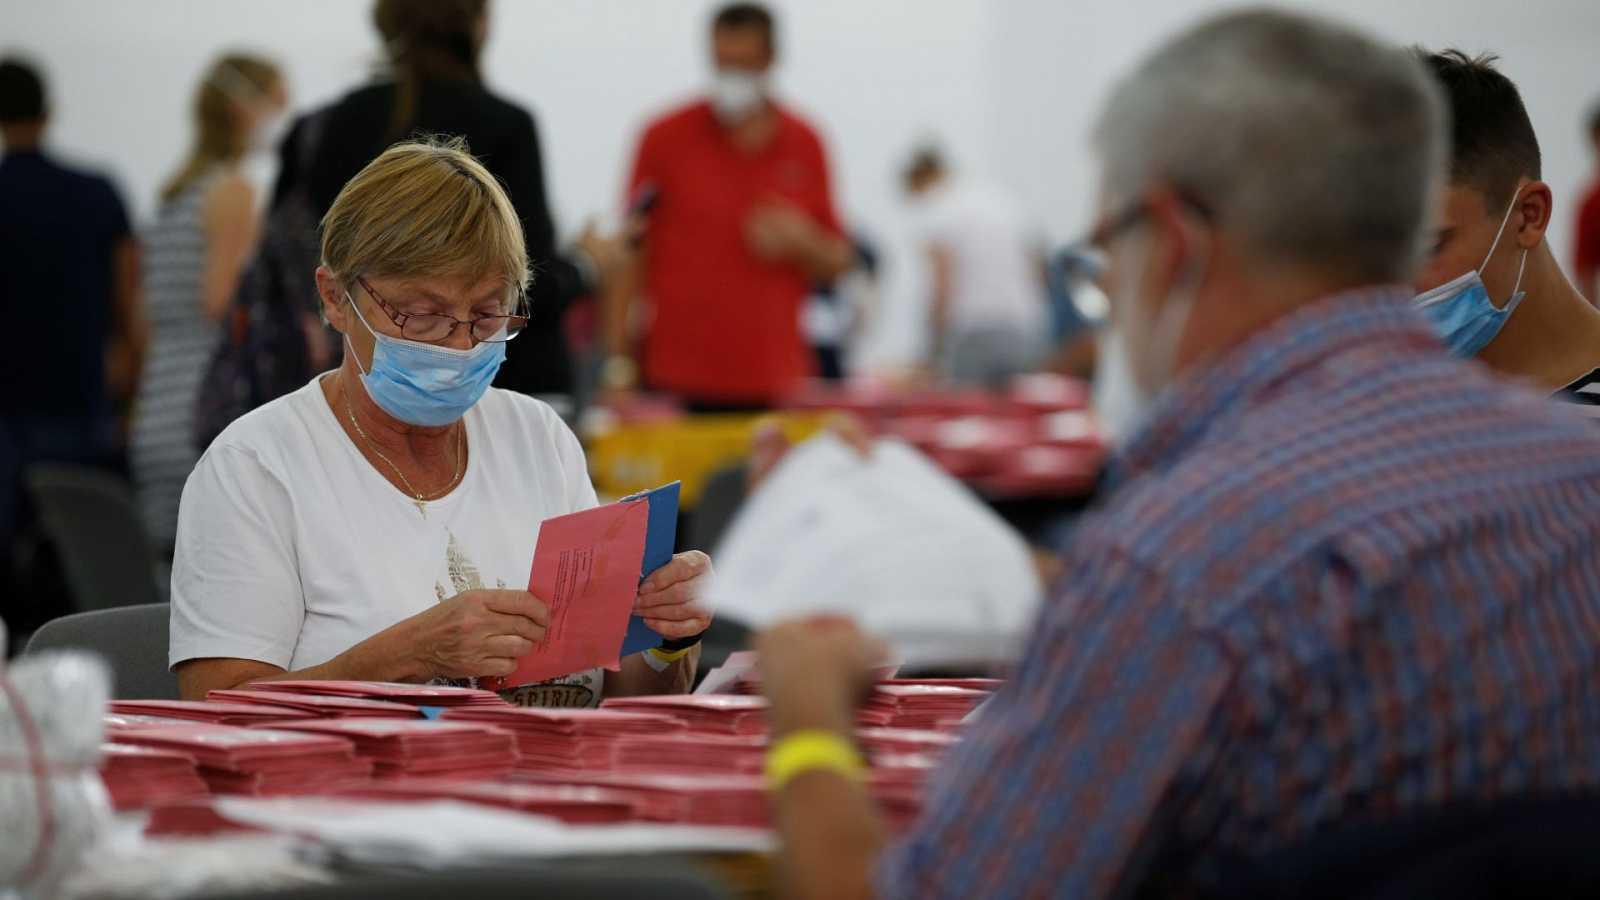 Los socialdemócratas y los conservadores empatan en las elecciones alemanas, según los primeros resultados